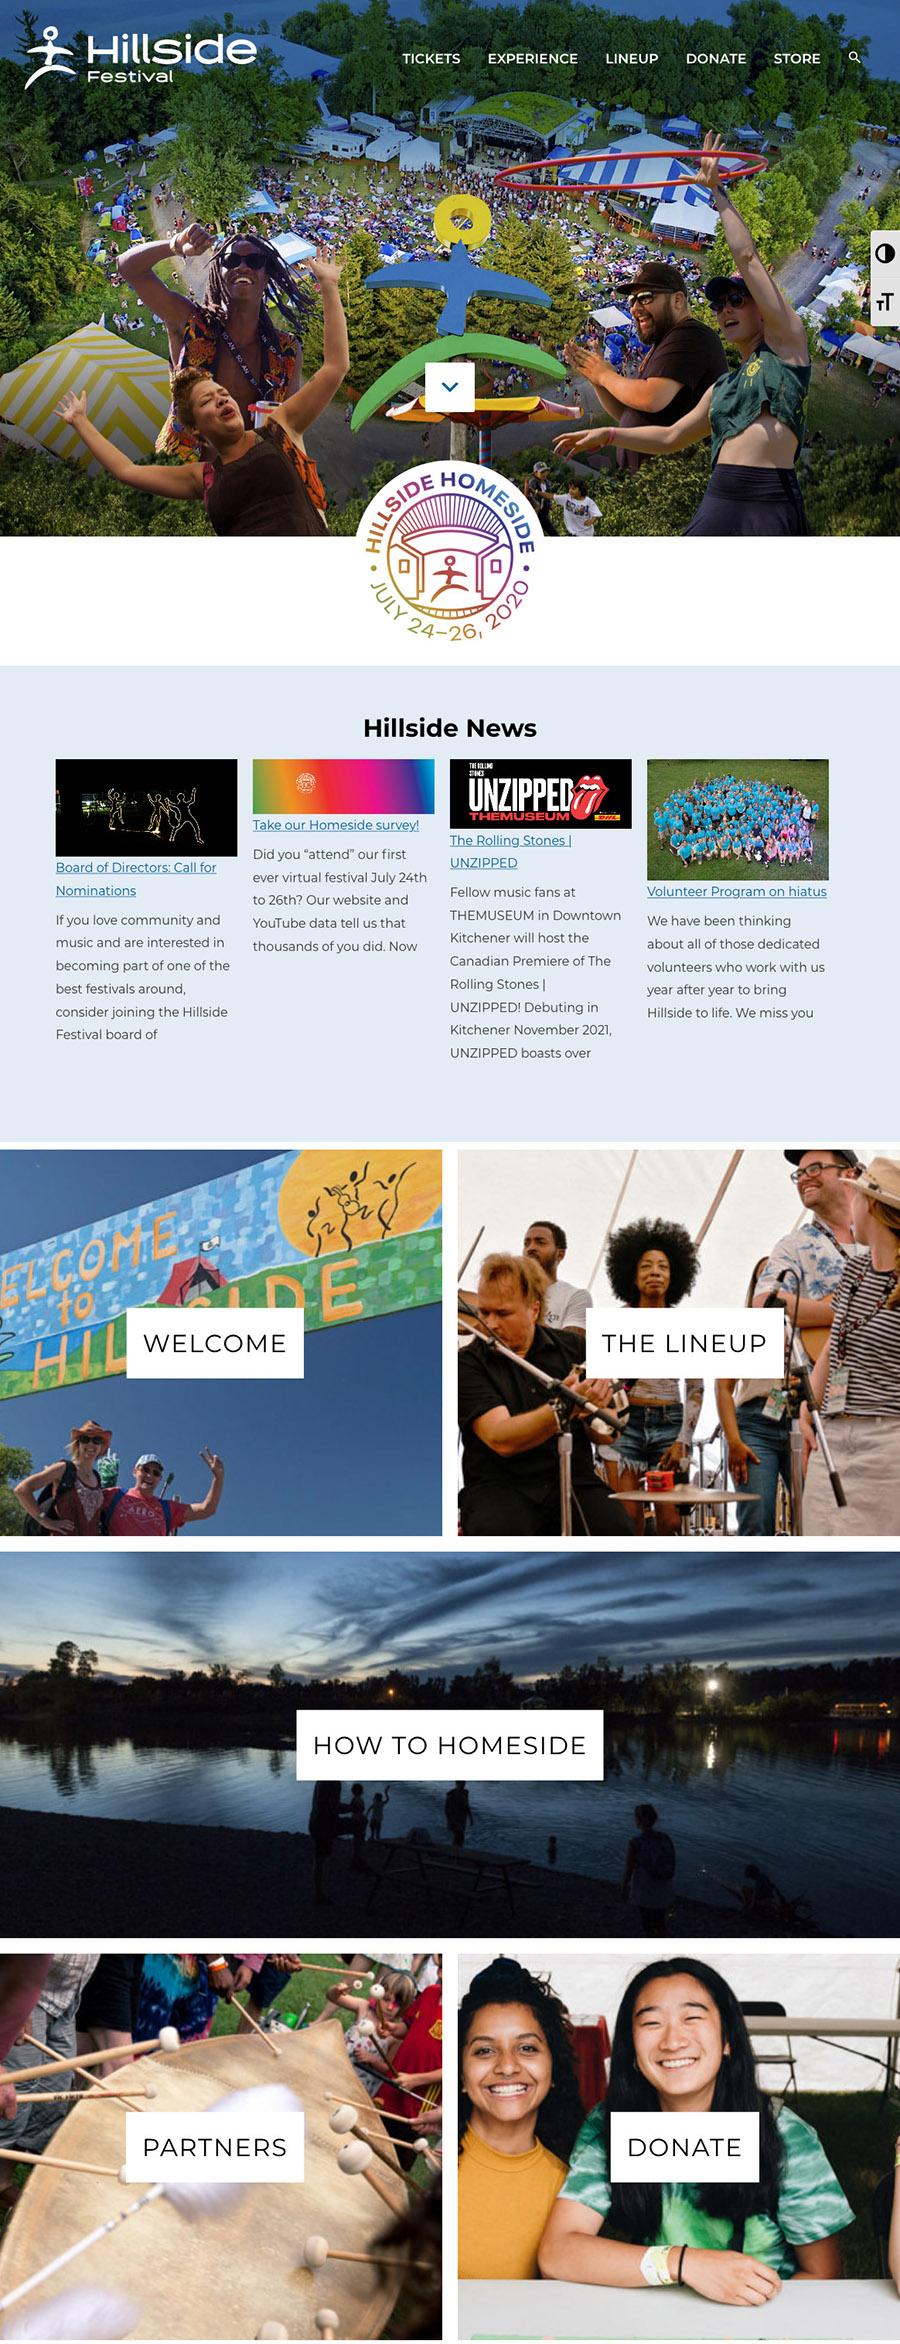 A screenshot of the Hillside website